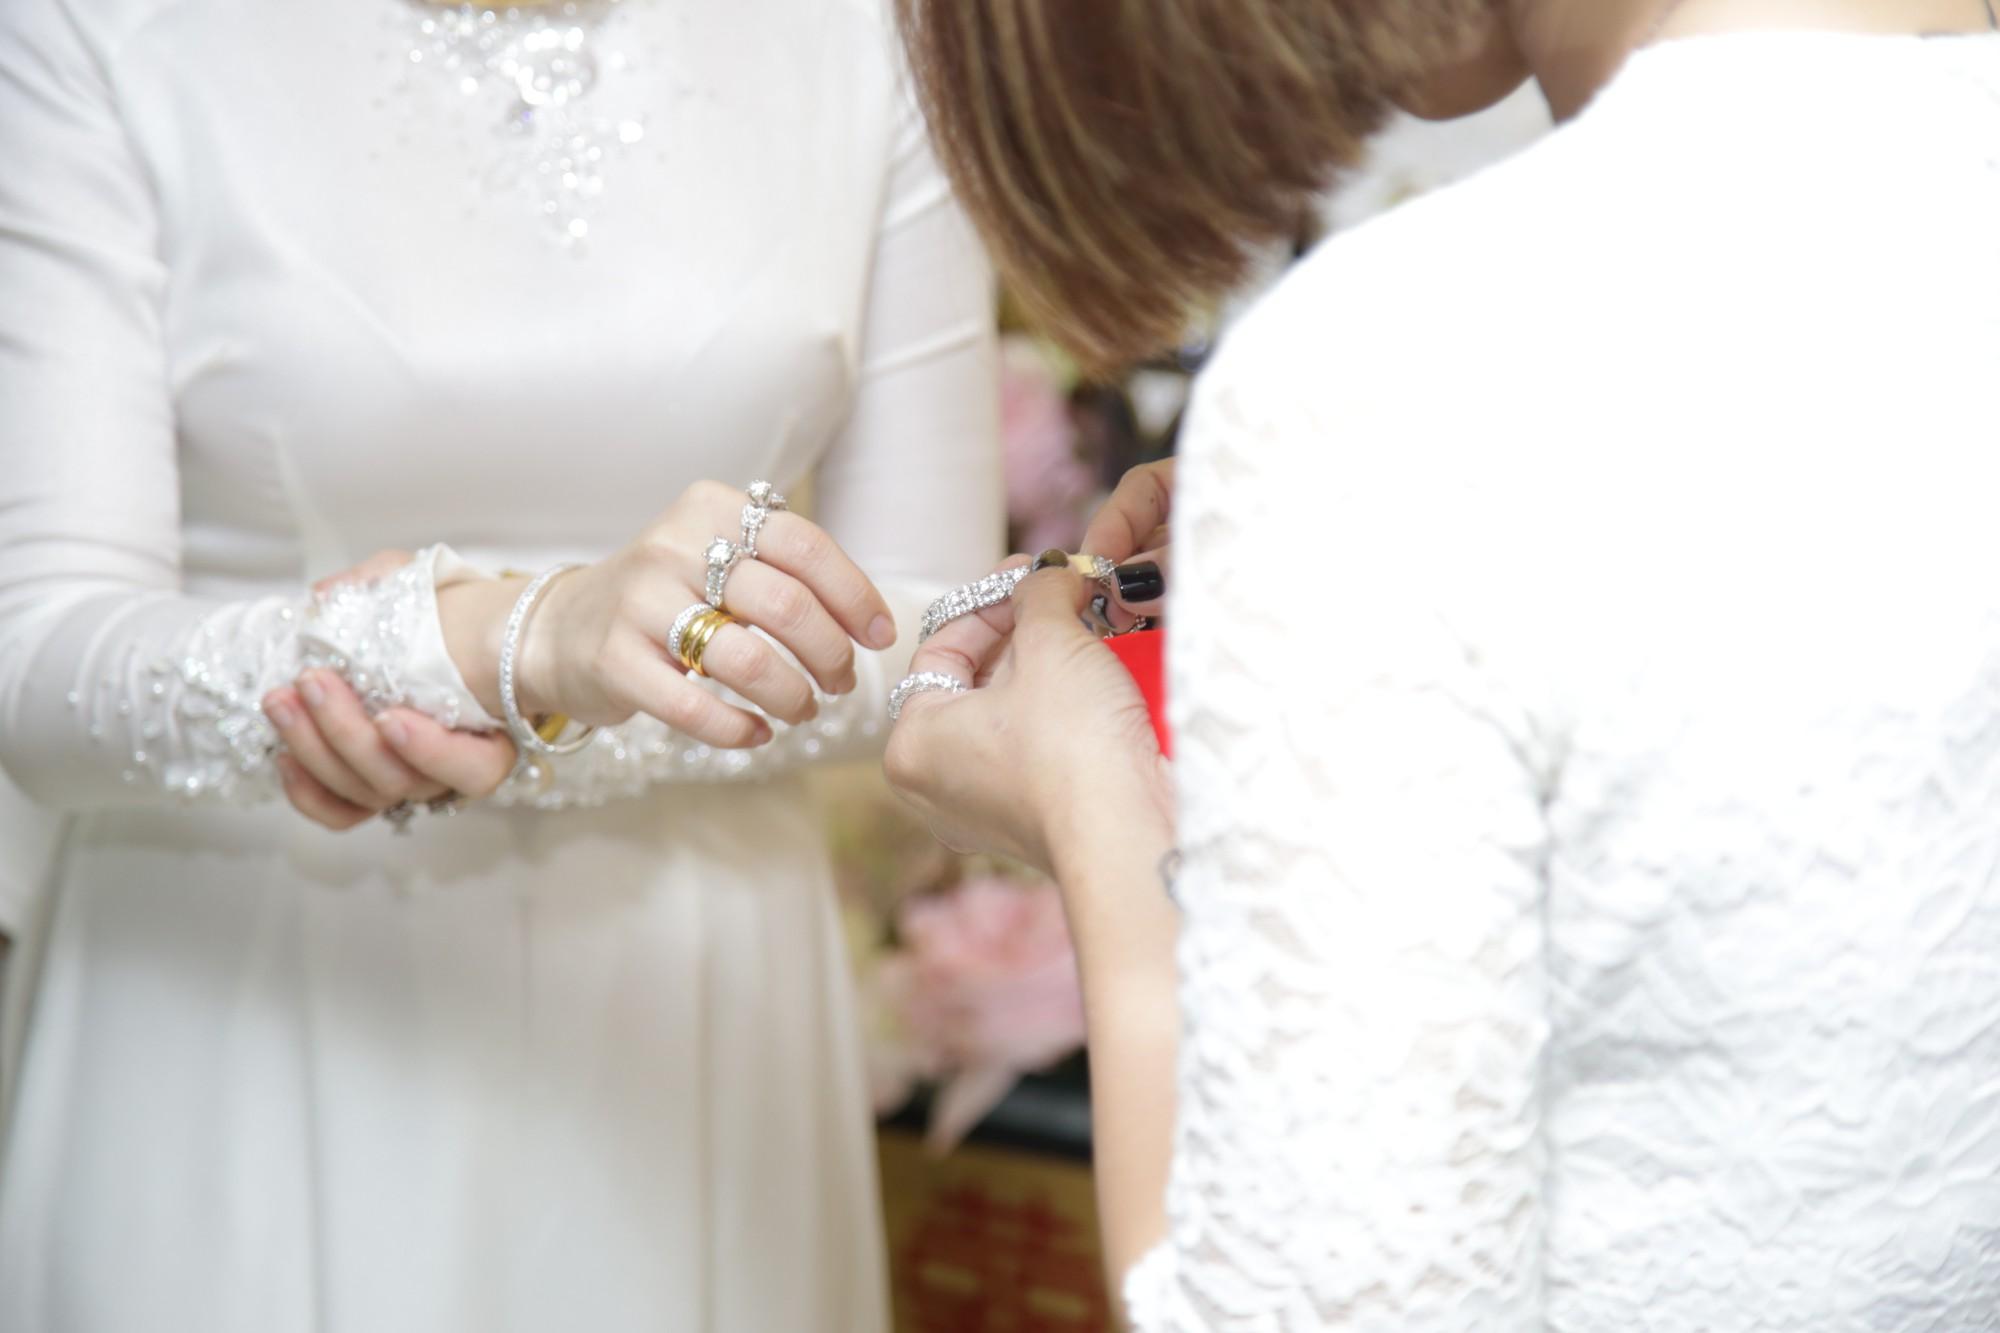 HOT: Toàn cảnh lễ đưa dâu toàn siêu xe hơn 100 tỷ của con gái đại gia Minh Nhựa, quà cưới toàn vàng, kim cương đeo đỏ tay-22